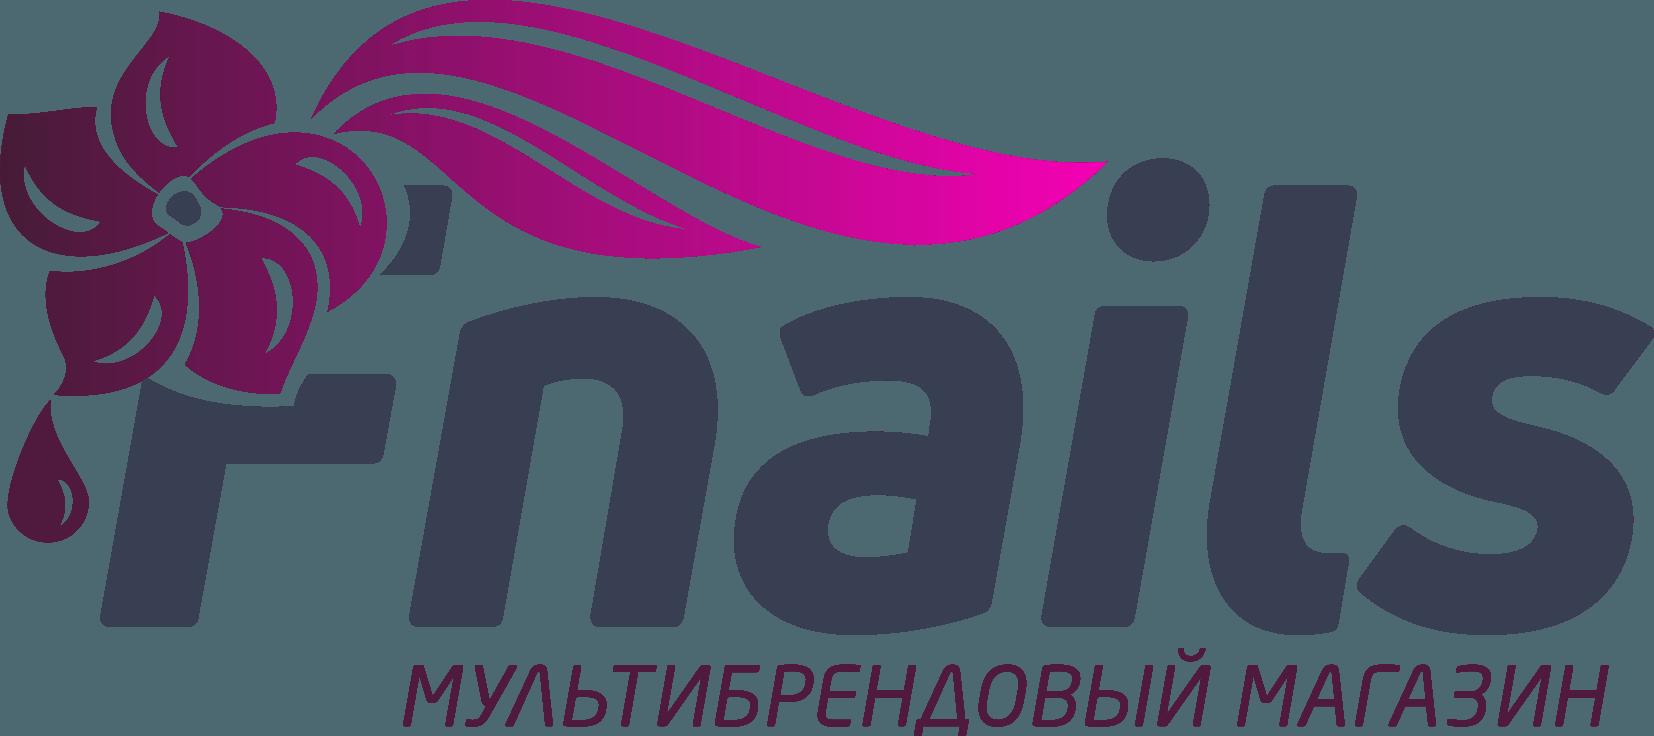 Интернет-магазин Fnails